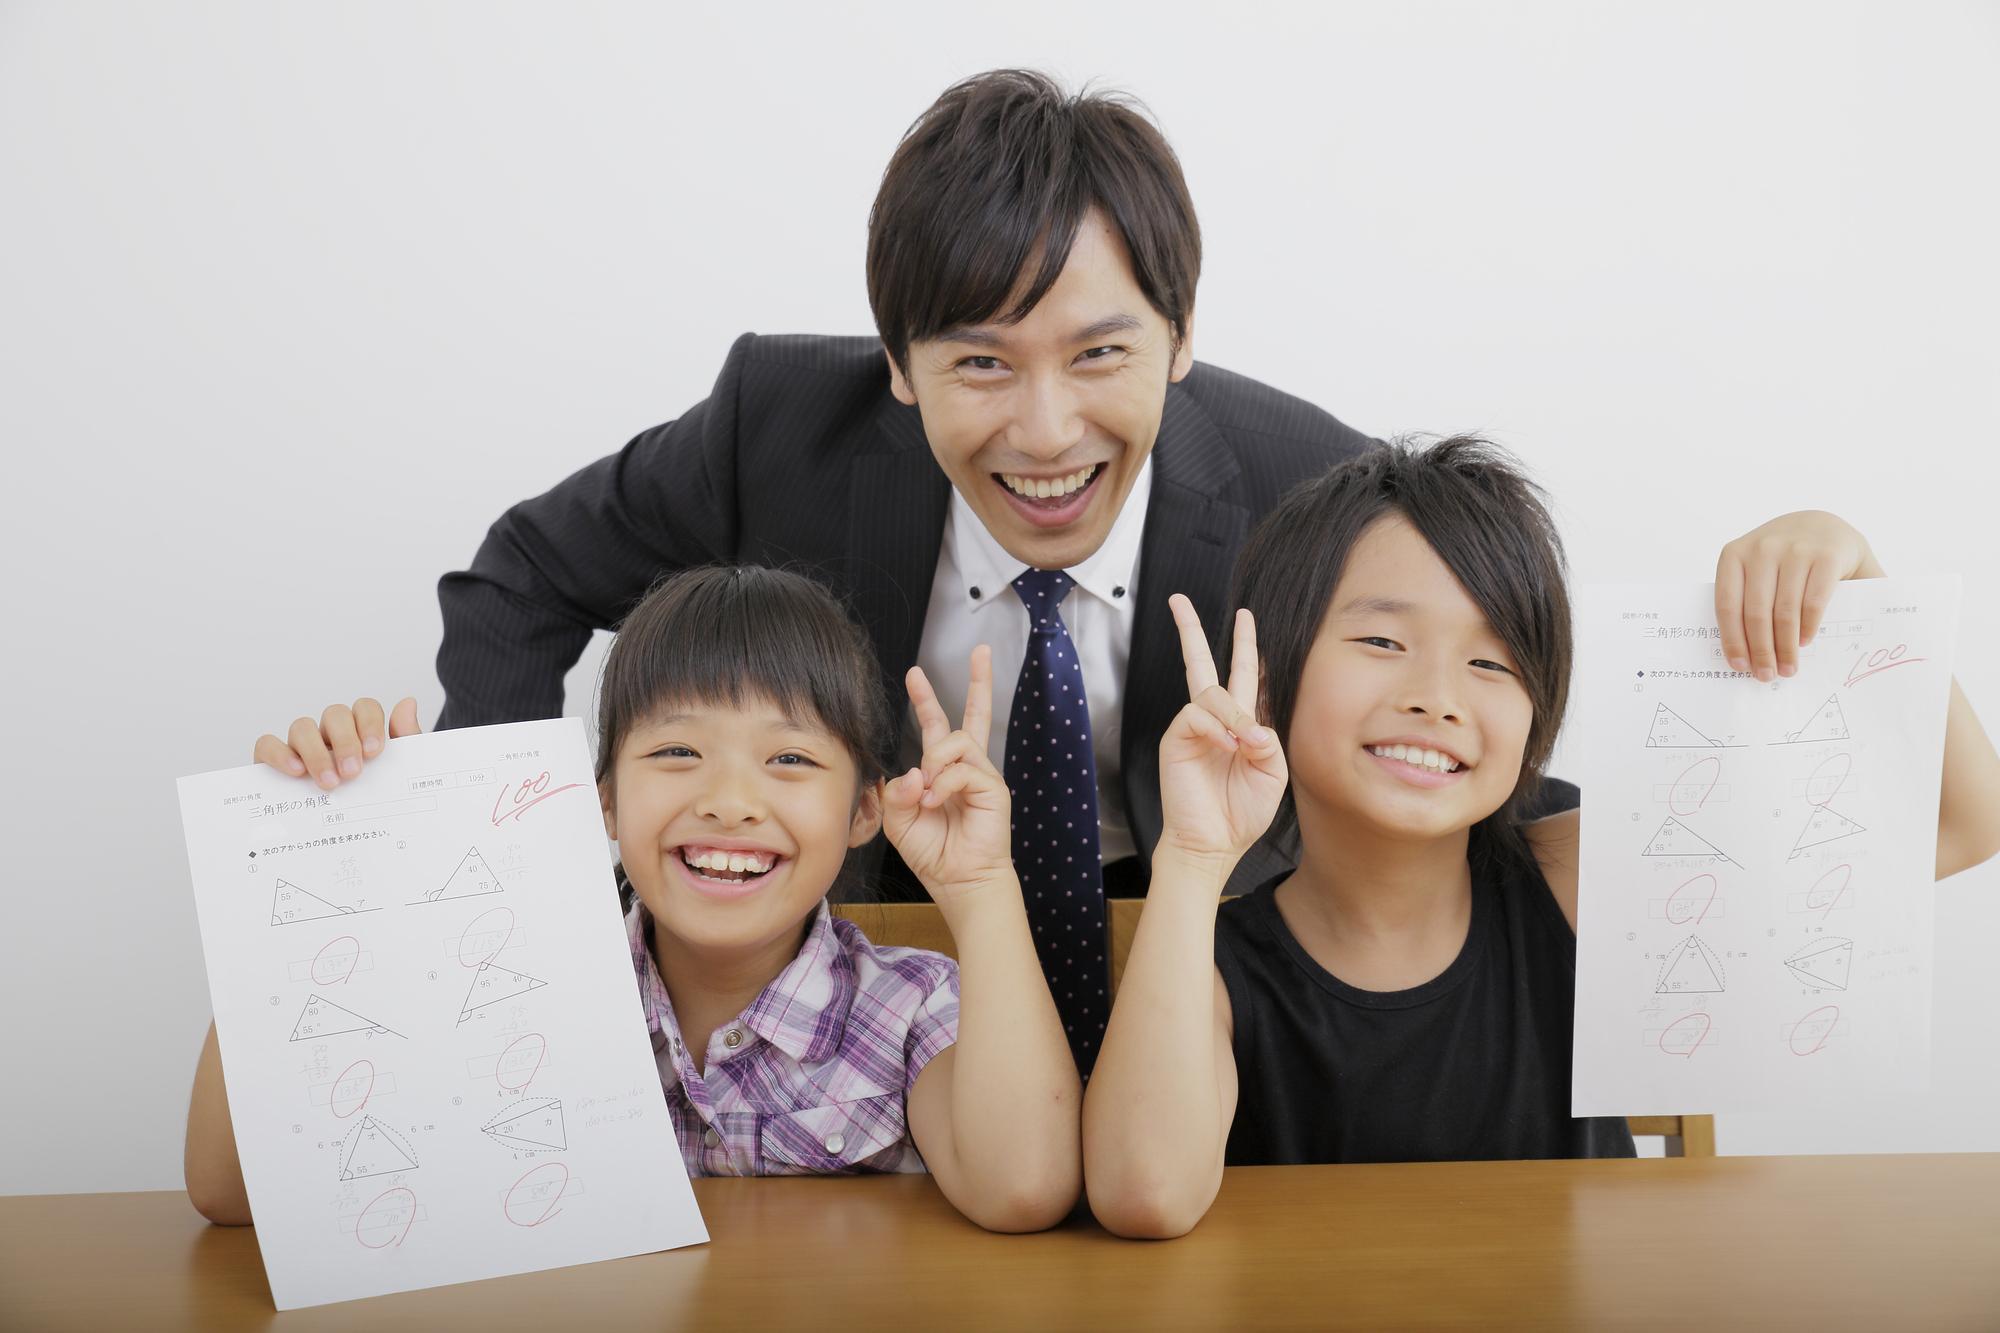 塾の先生と2人の生徒